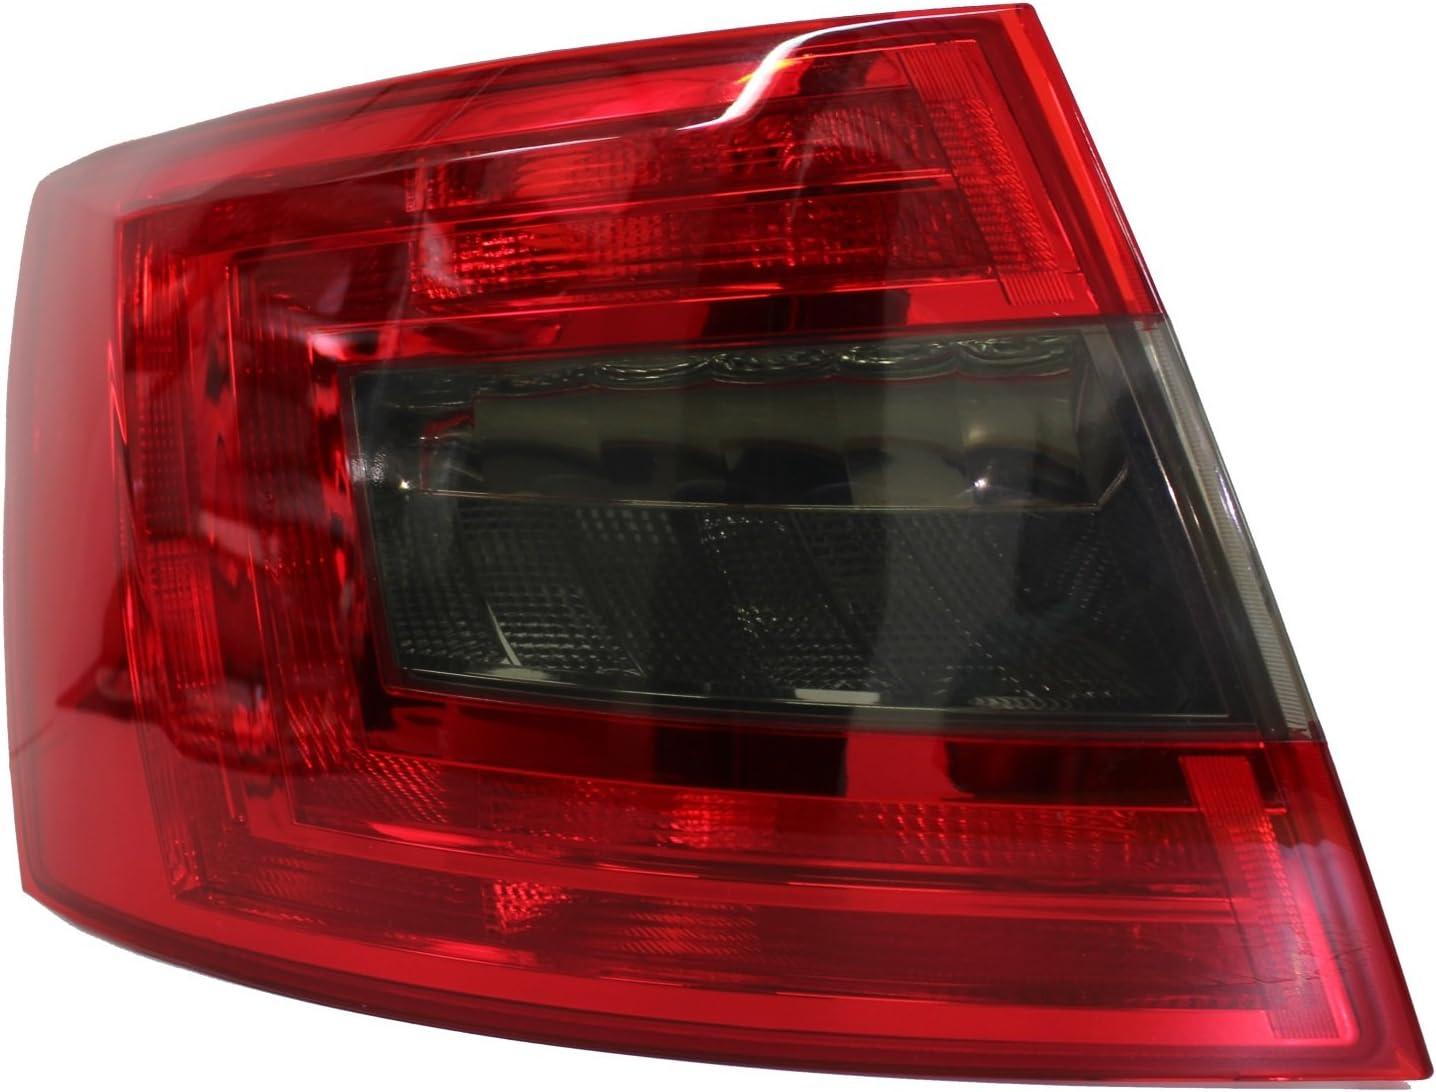 Finest Folia Rückleuchten Folien Set Scheinwerfer Aufkleber Tönungsfolie Passgenau Dark Grey C021 Limousine Vor Facelift Auto